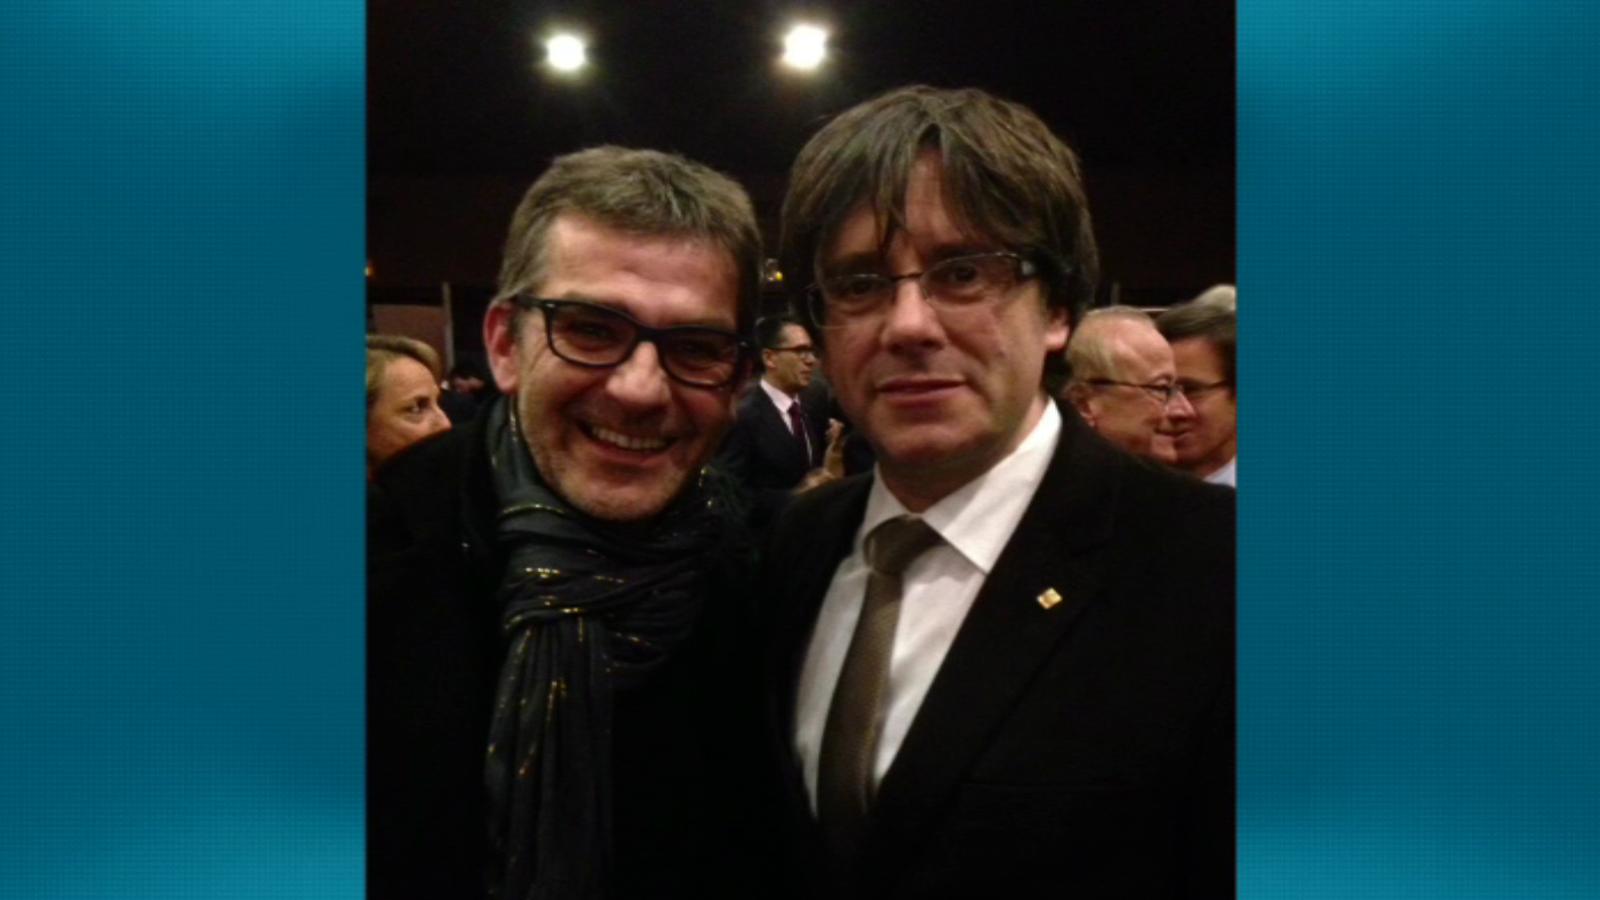 L'editorial d'Antoni Bassas: Crònica d'una estrena amb Puigdemont i Mas